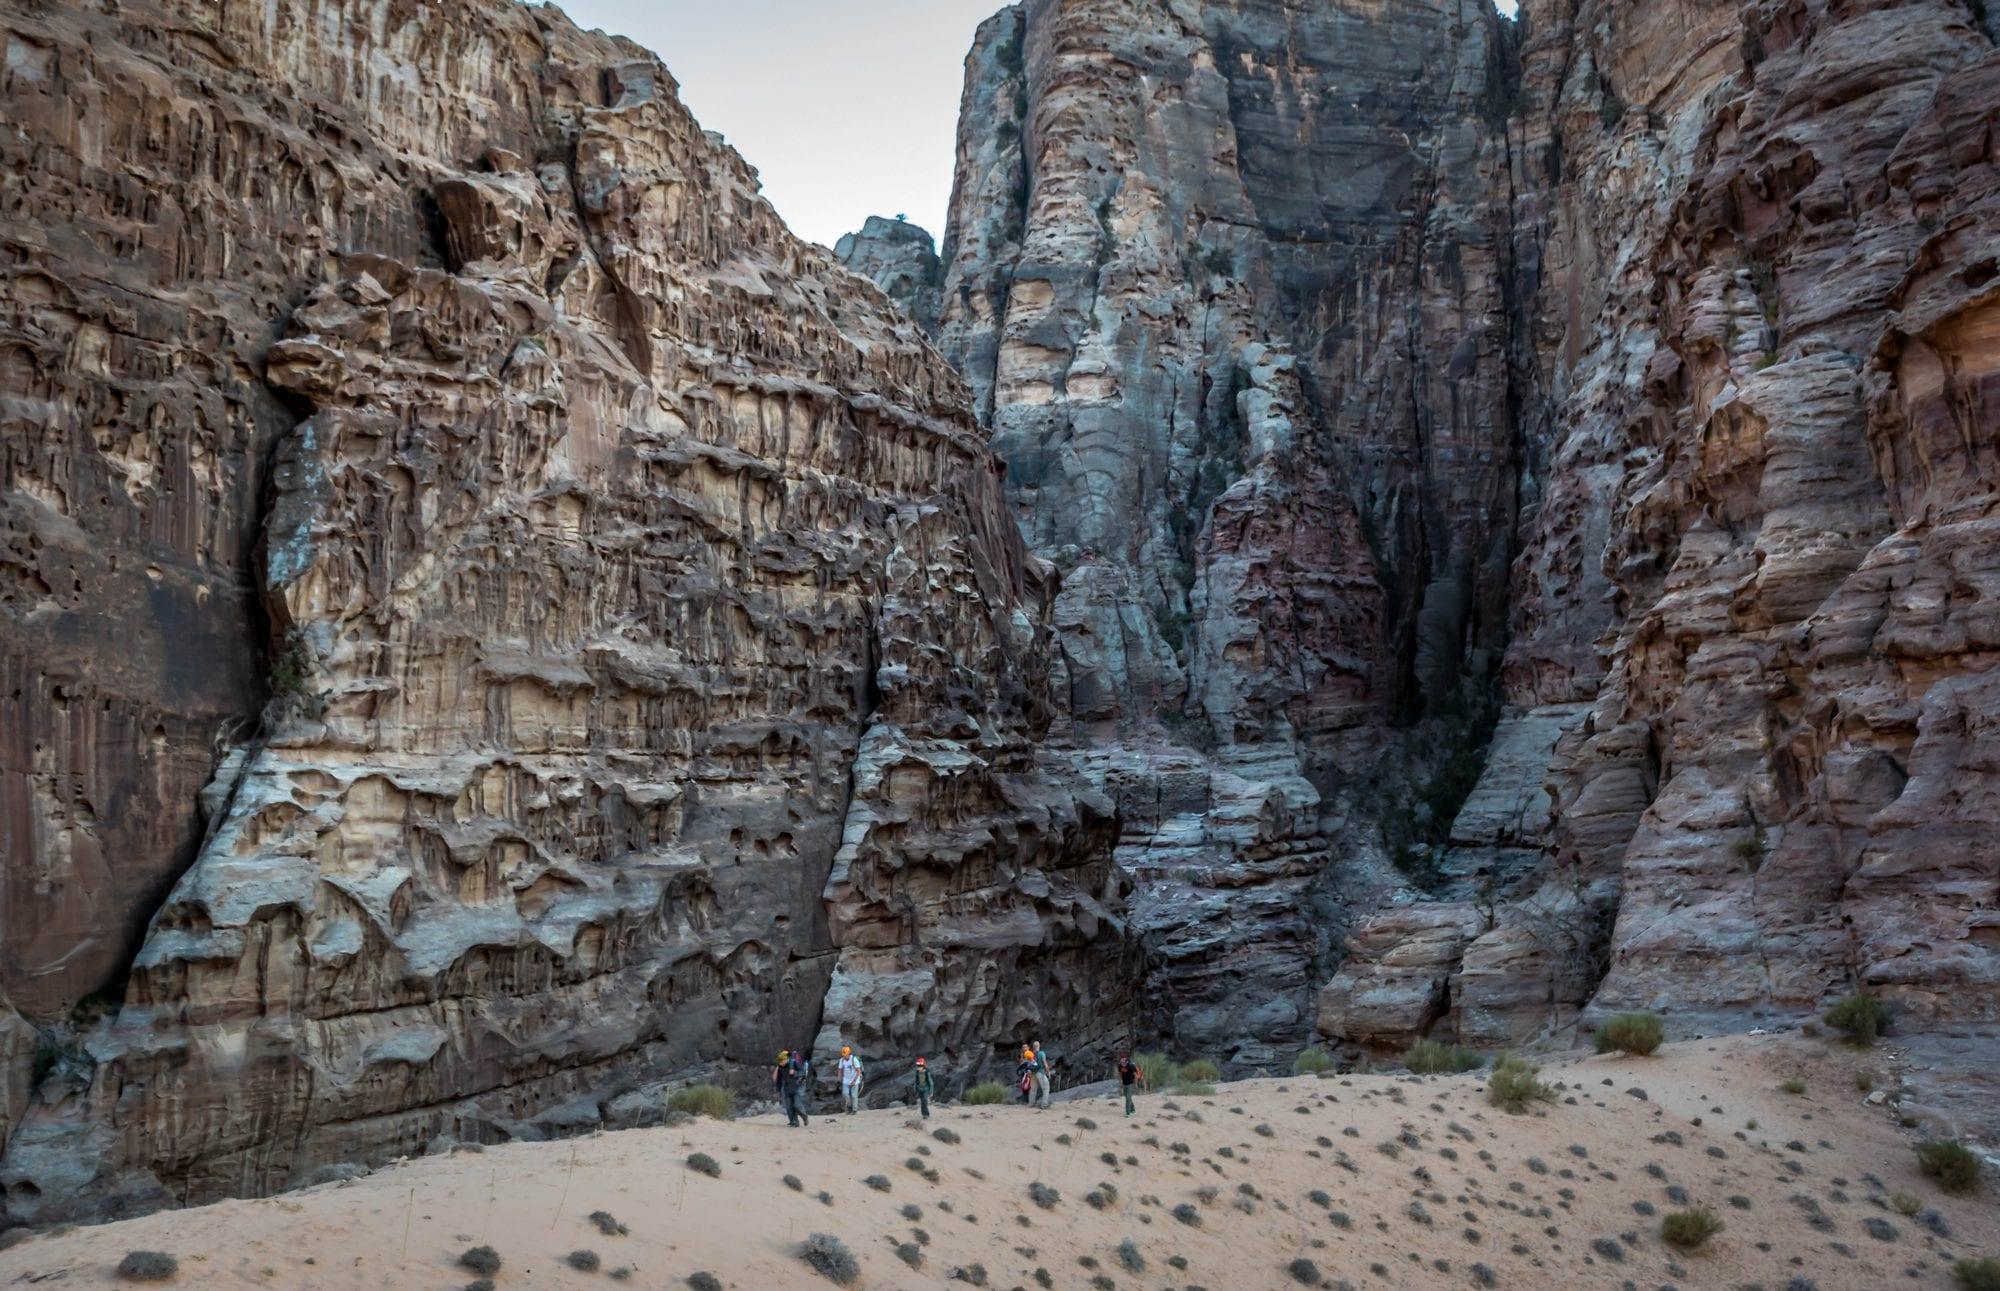 הקניונים האפלים - טיול סנפלינג בירדן - ערוצים בטבע